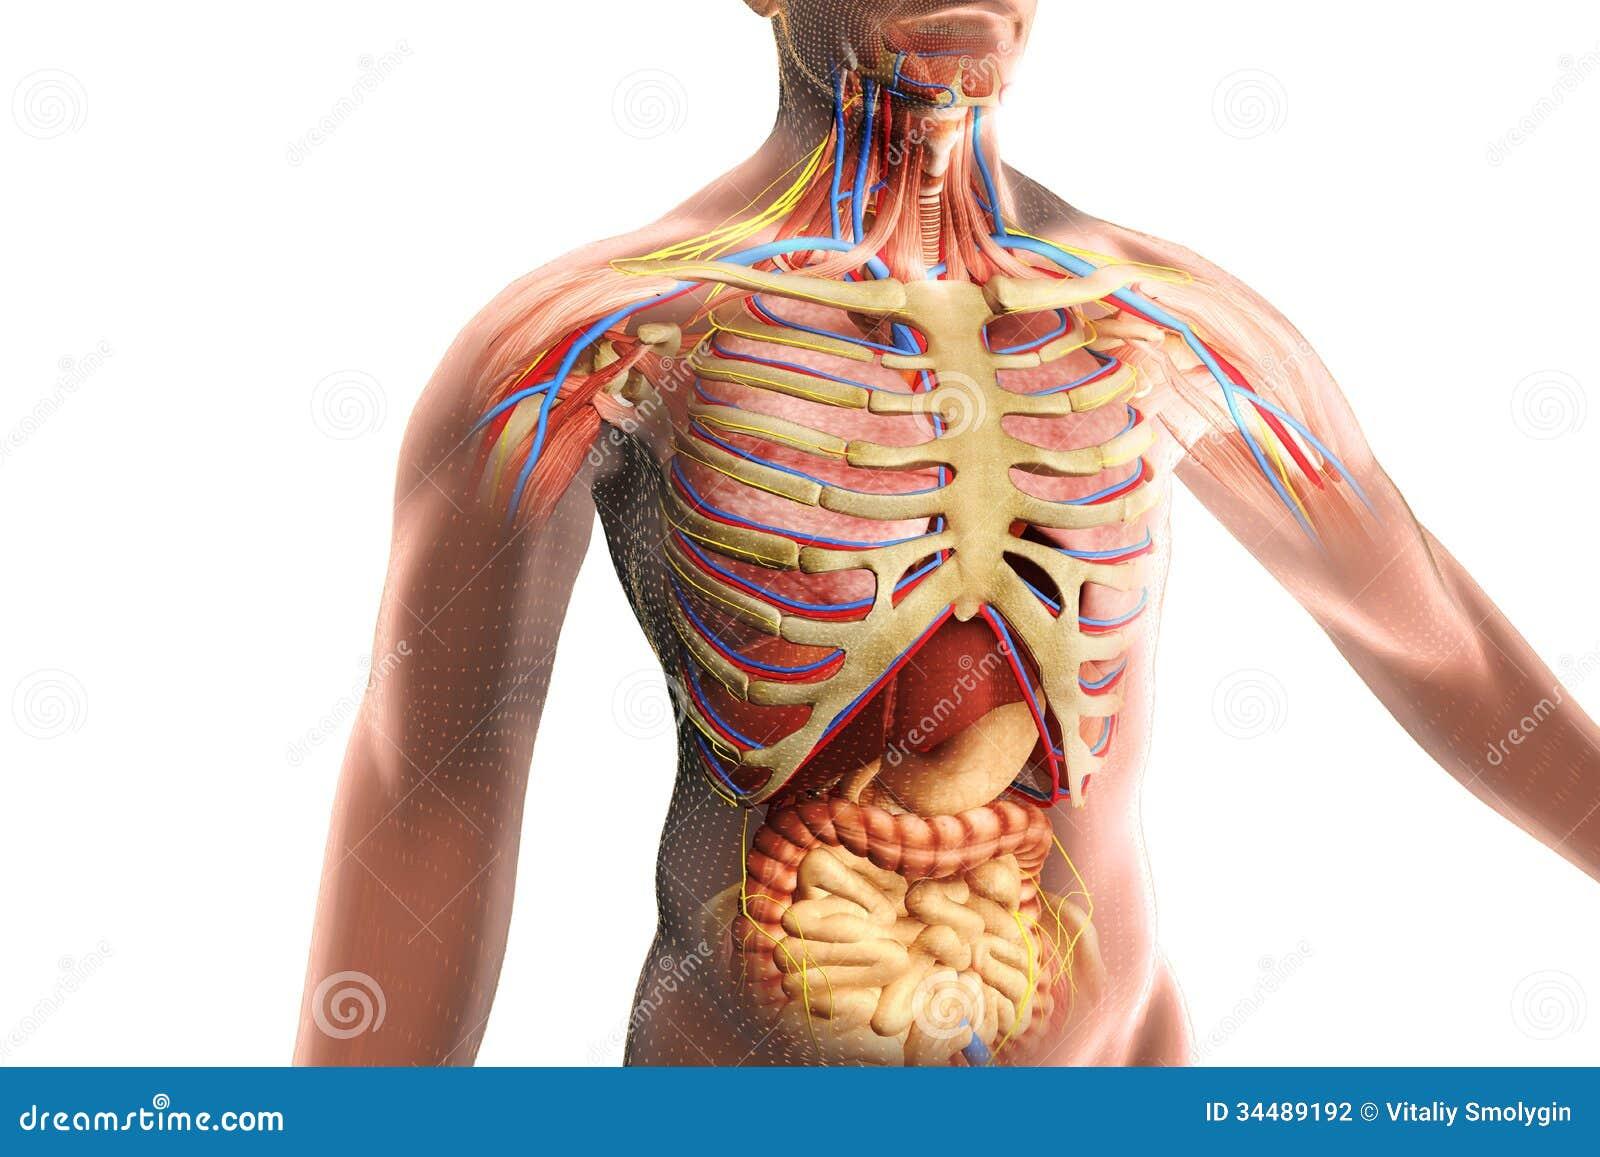 Die Anatomie Des Menschlichen Körpers Stock Abbildung - Illustration ...